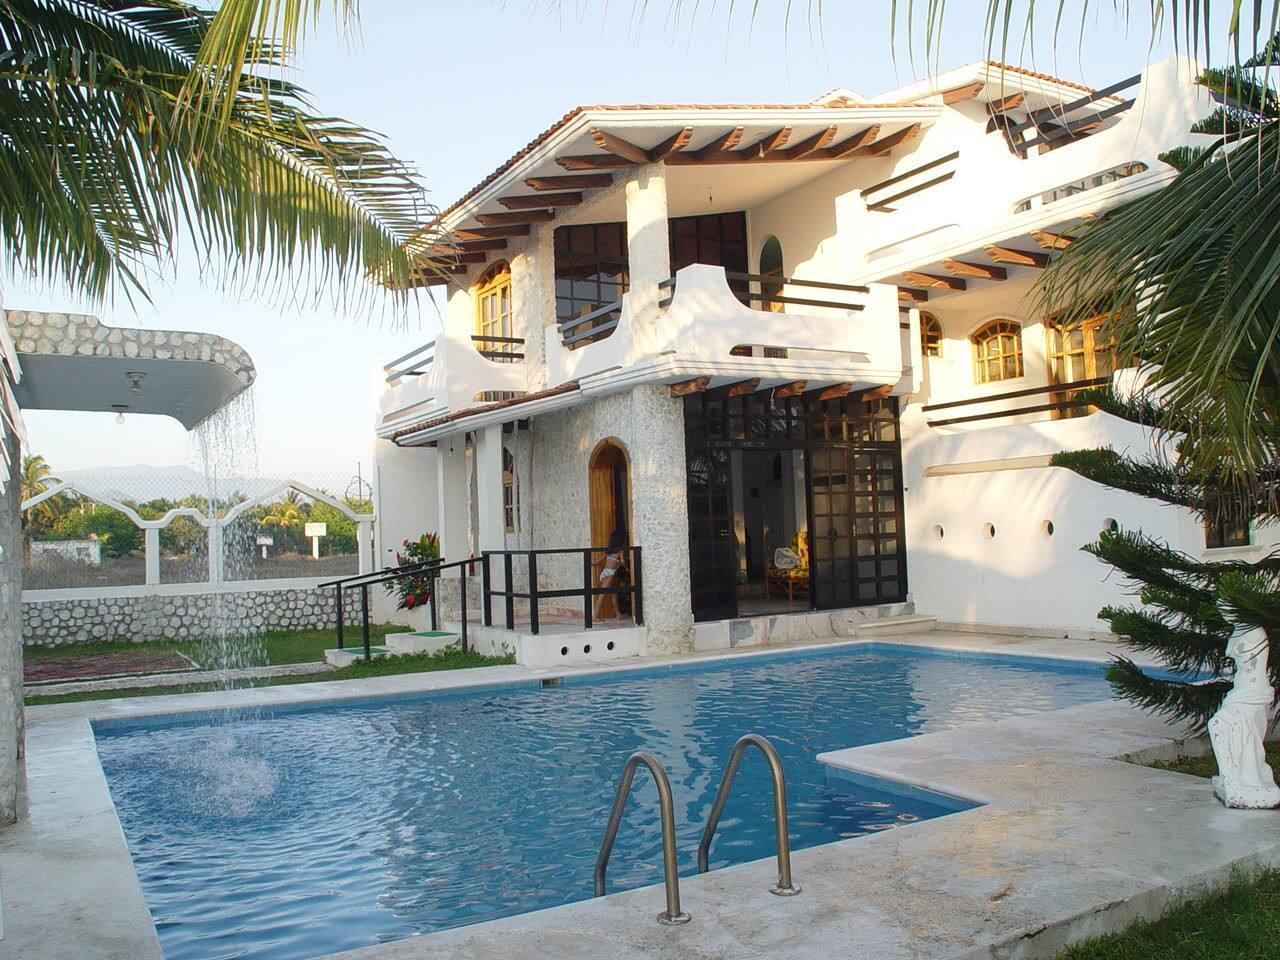 Casa con Alberca House & swimming pool